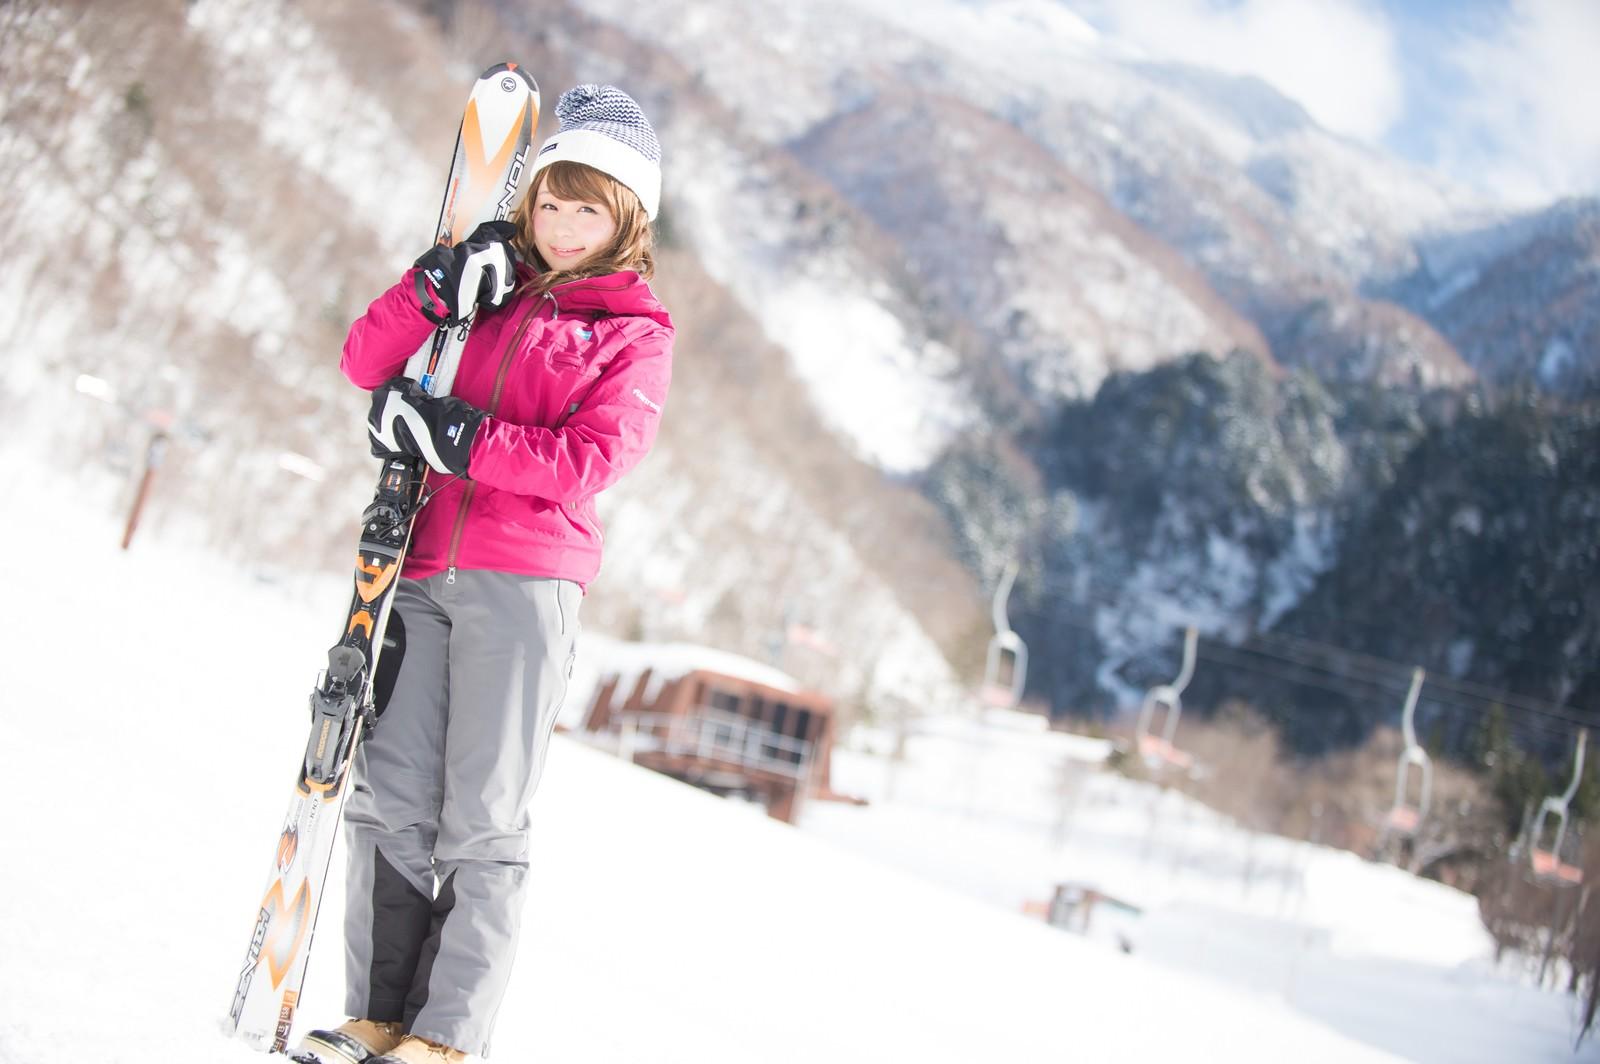 「スキーウェアにも最適なレイヤリング」の写真[モデル:茜さや]